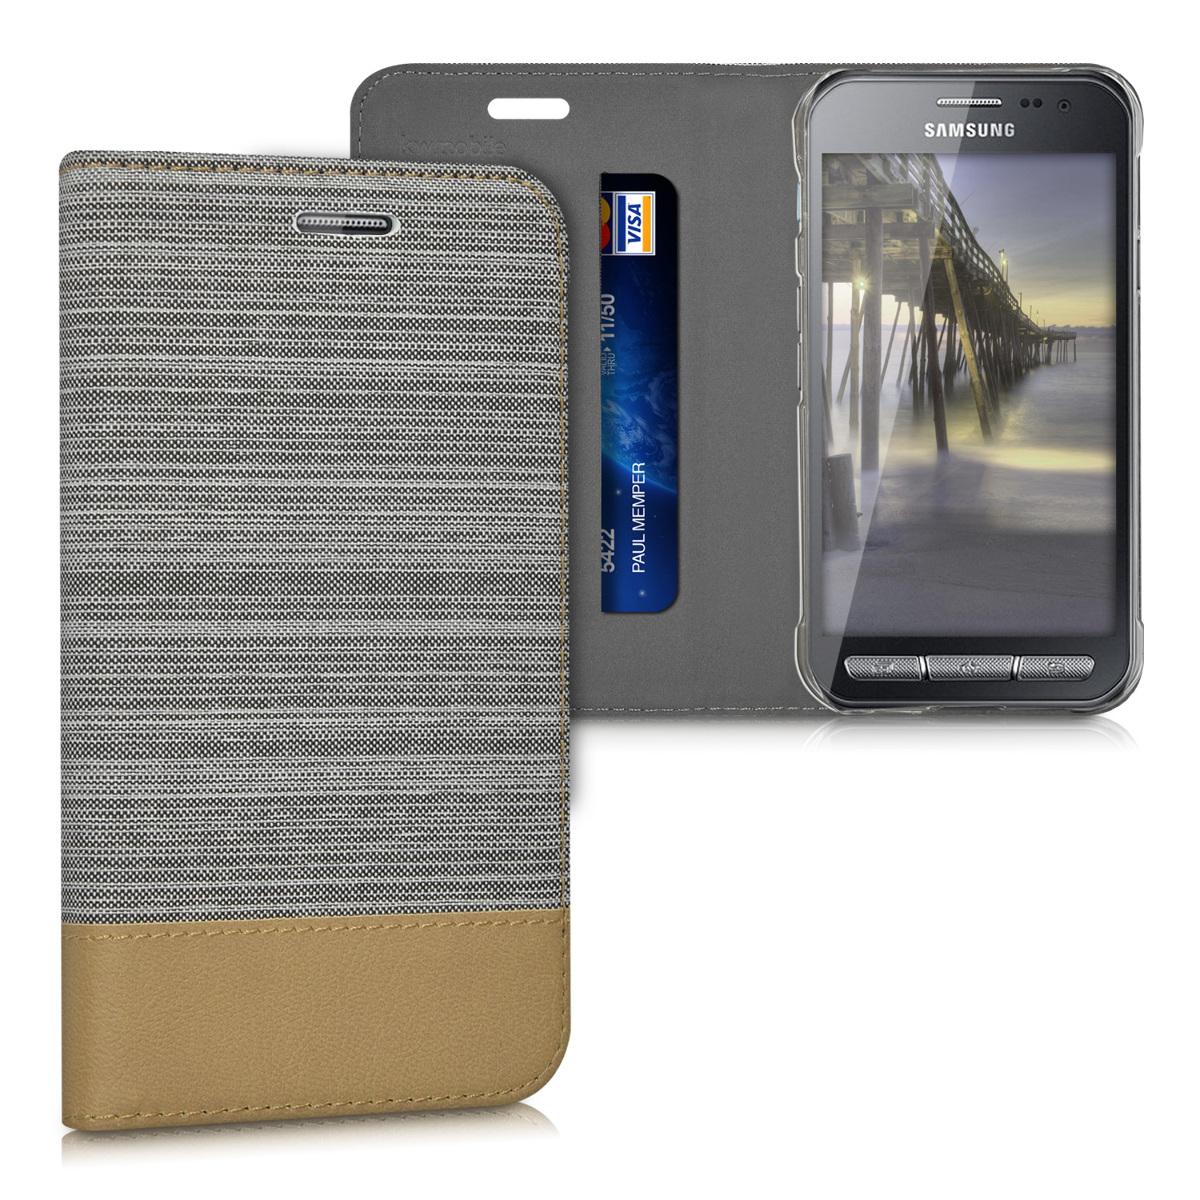 KW Θήκη Book Samsung Galaxy Xcover 3 - Συνθετικό δέρμα - Light Grey / Brown (38237.25)